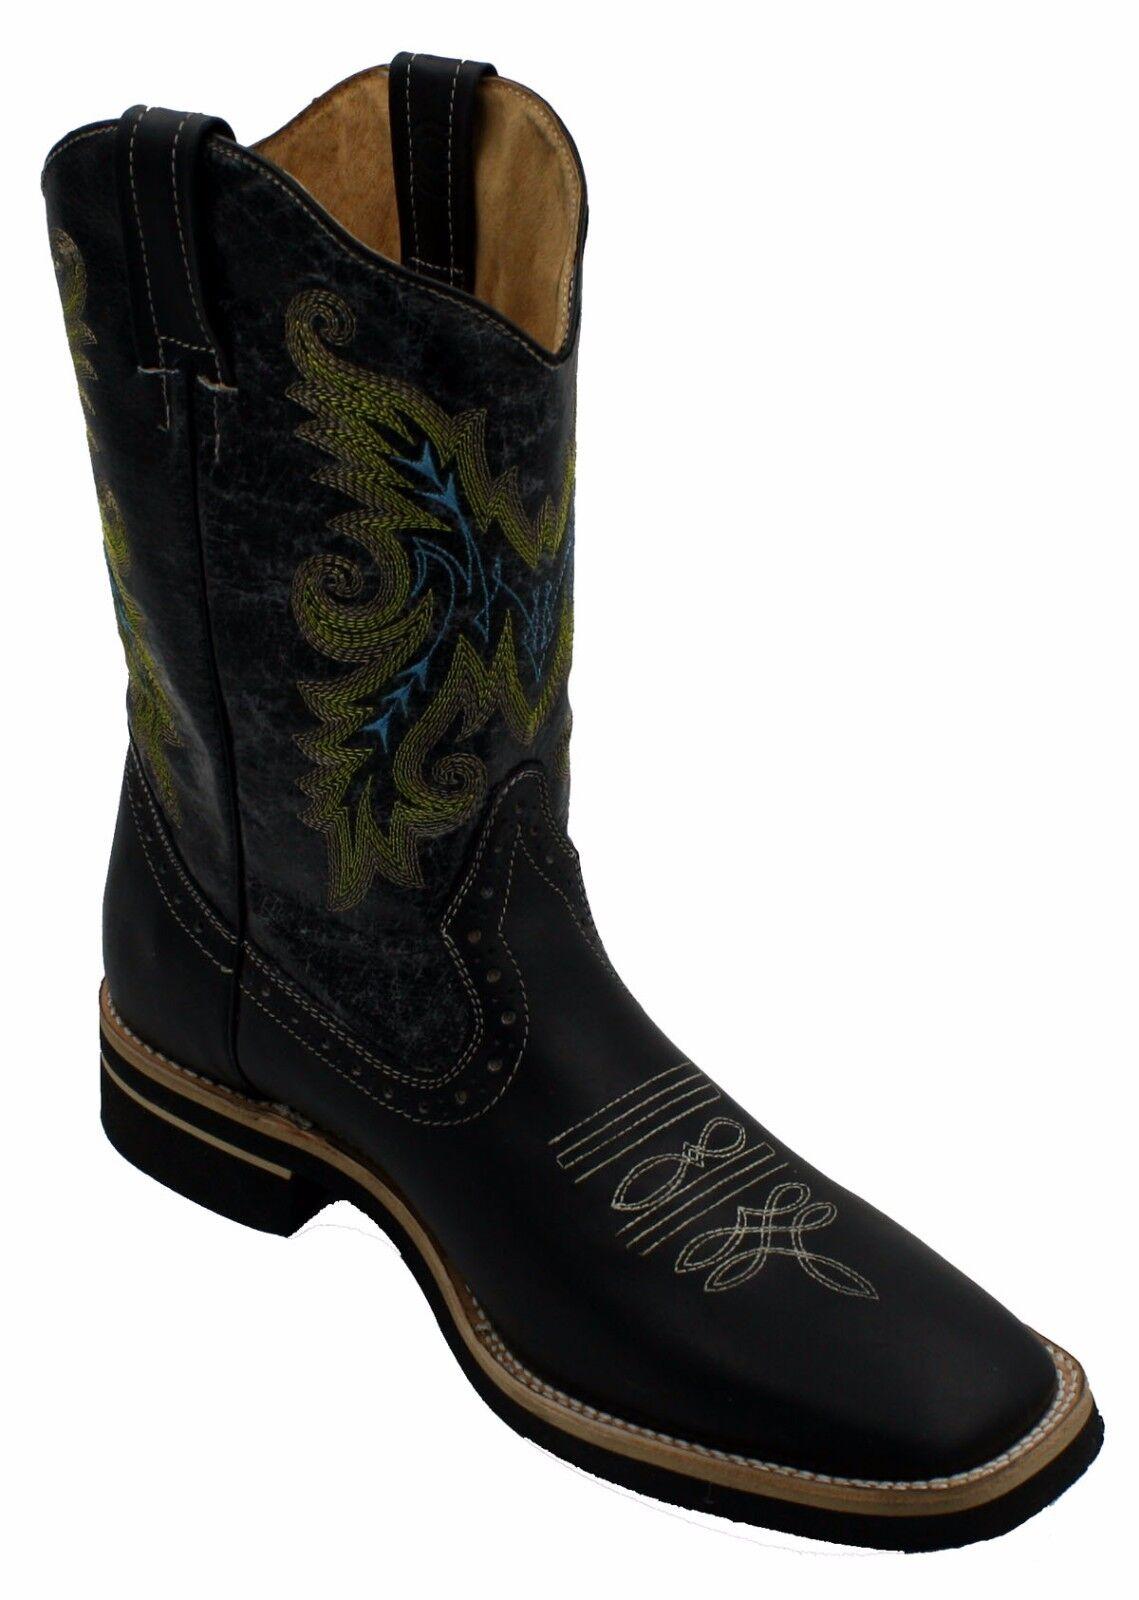 Cuero para Hombre Botas Rodeo de vaquero animal print Rodeo Botas Toro Precio Especial  CH850 ad6412